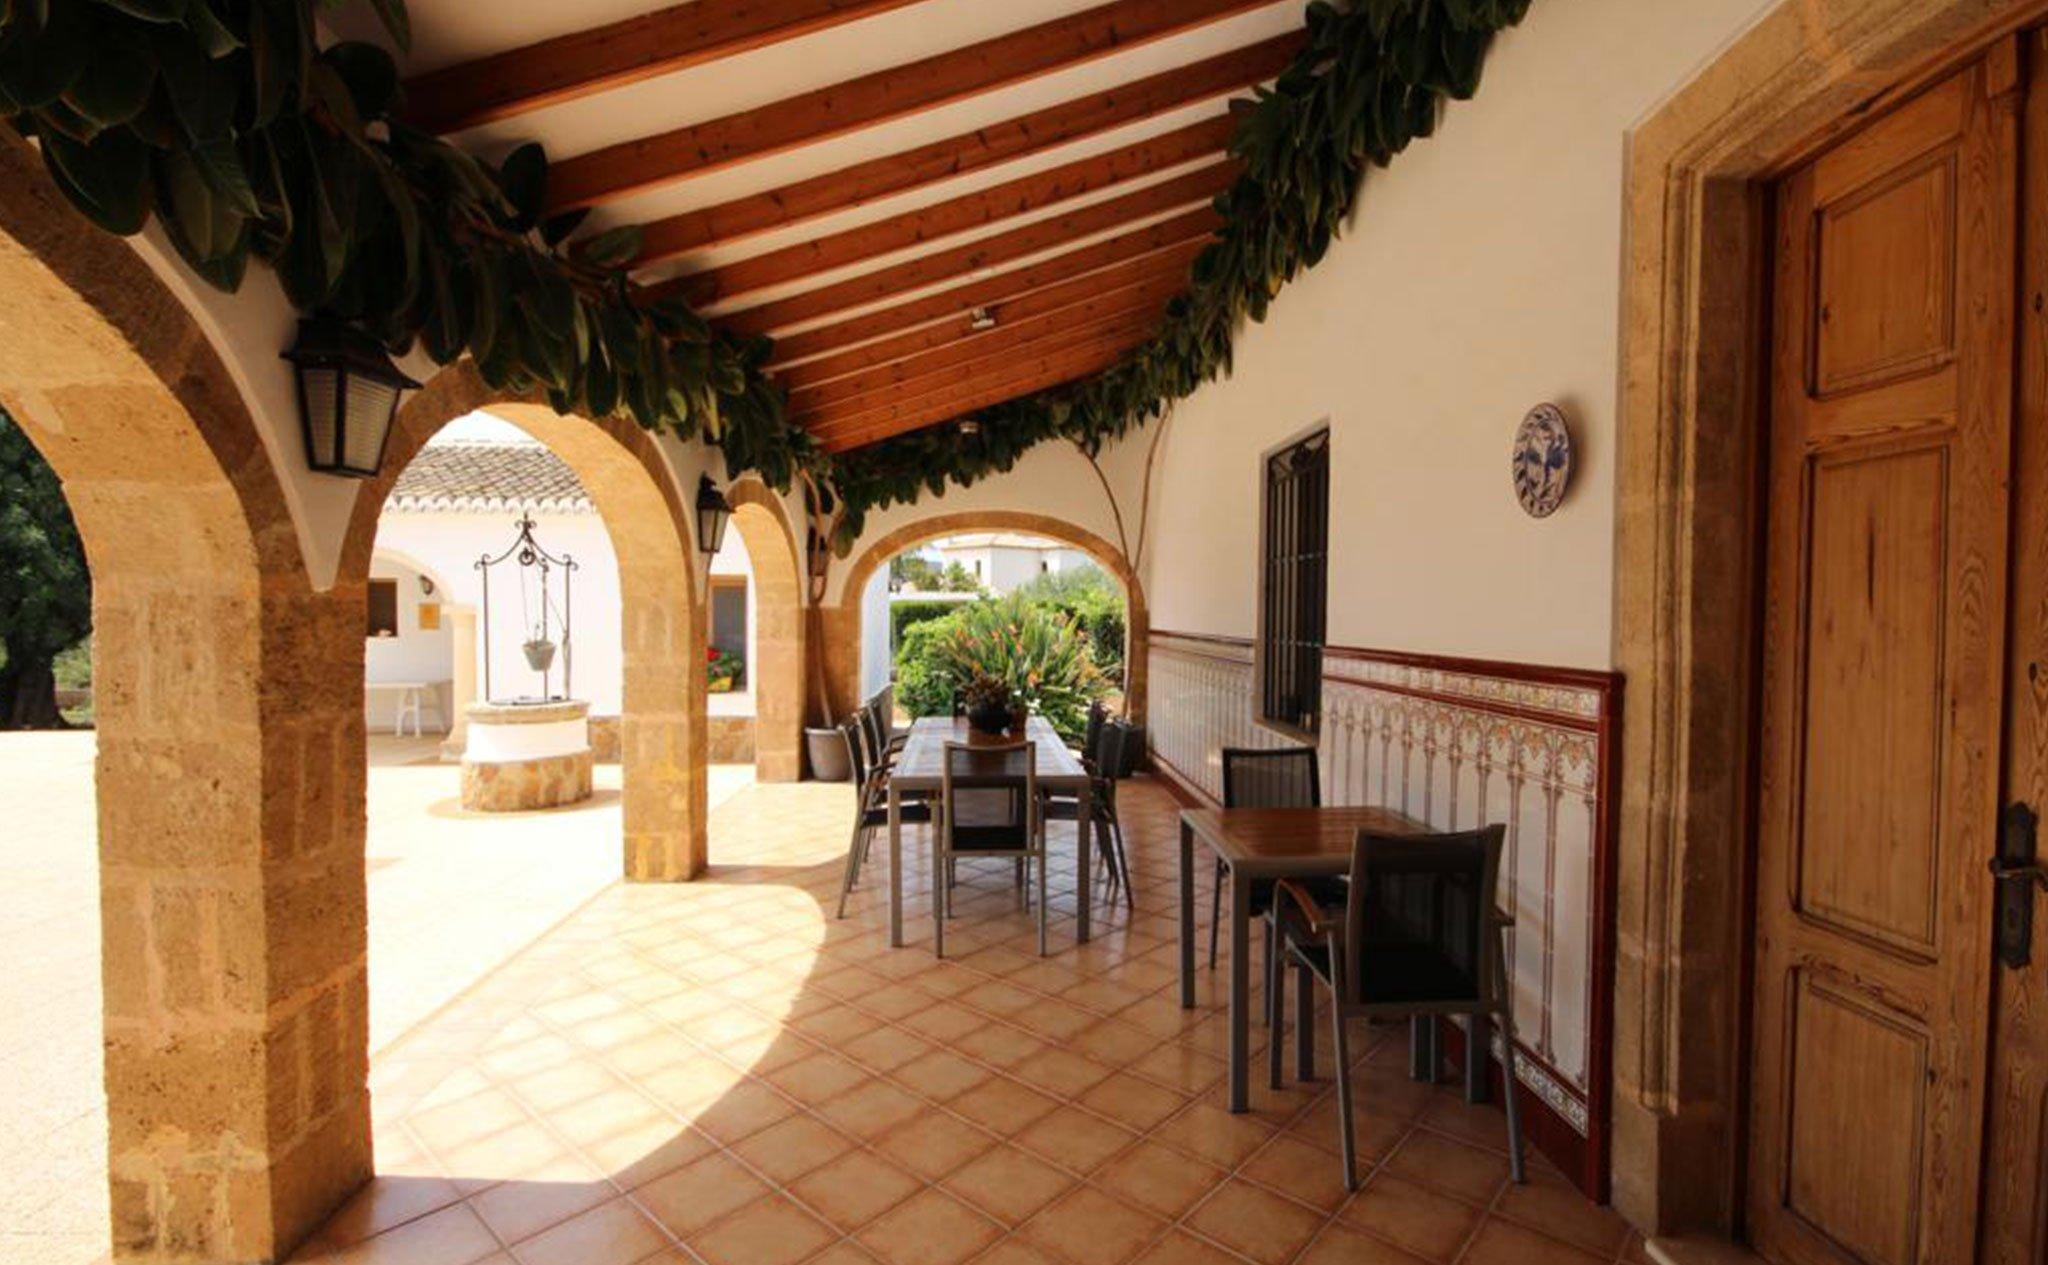 Terraza cubierta de una casa mediterránea con apartamento de invitados en Jávea – Atina Inmobiliaria